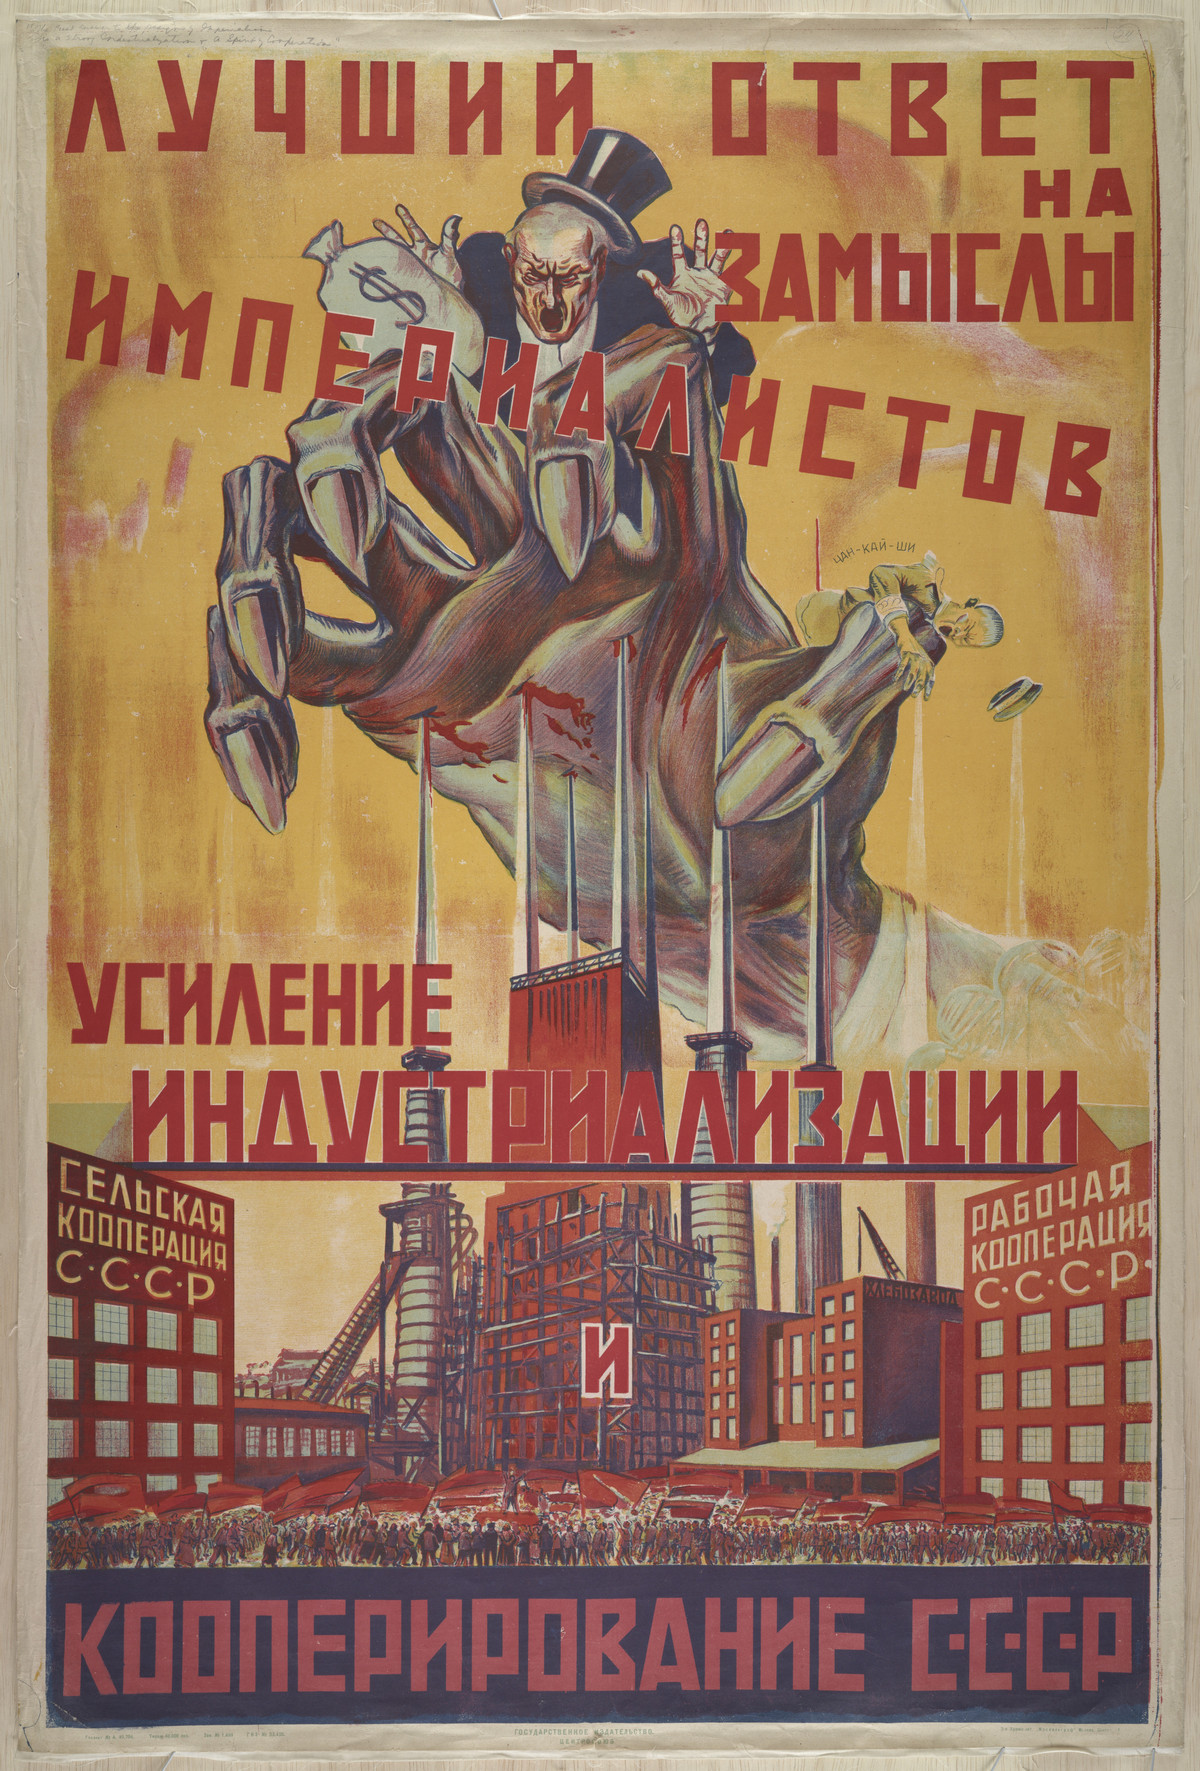 sovetskie-kommunisticheskie-plakaty_72